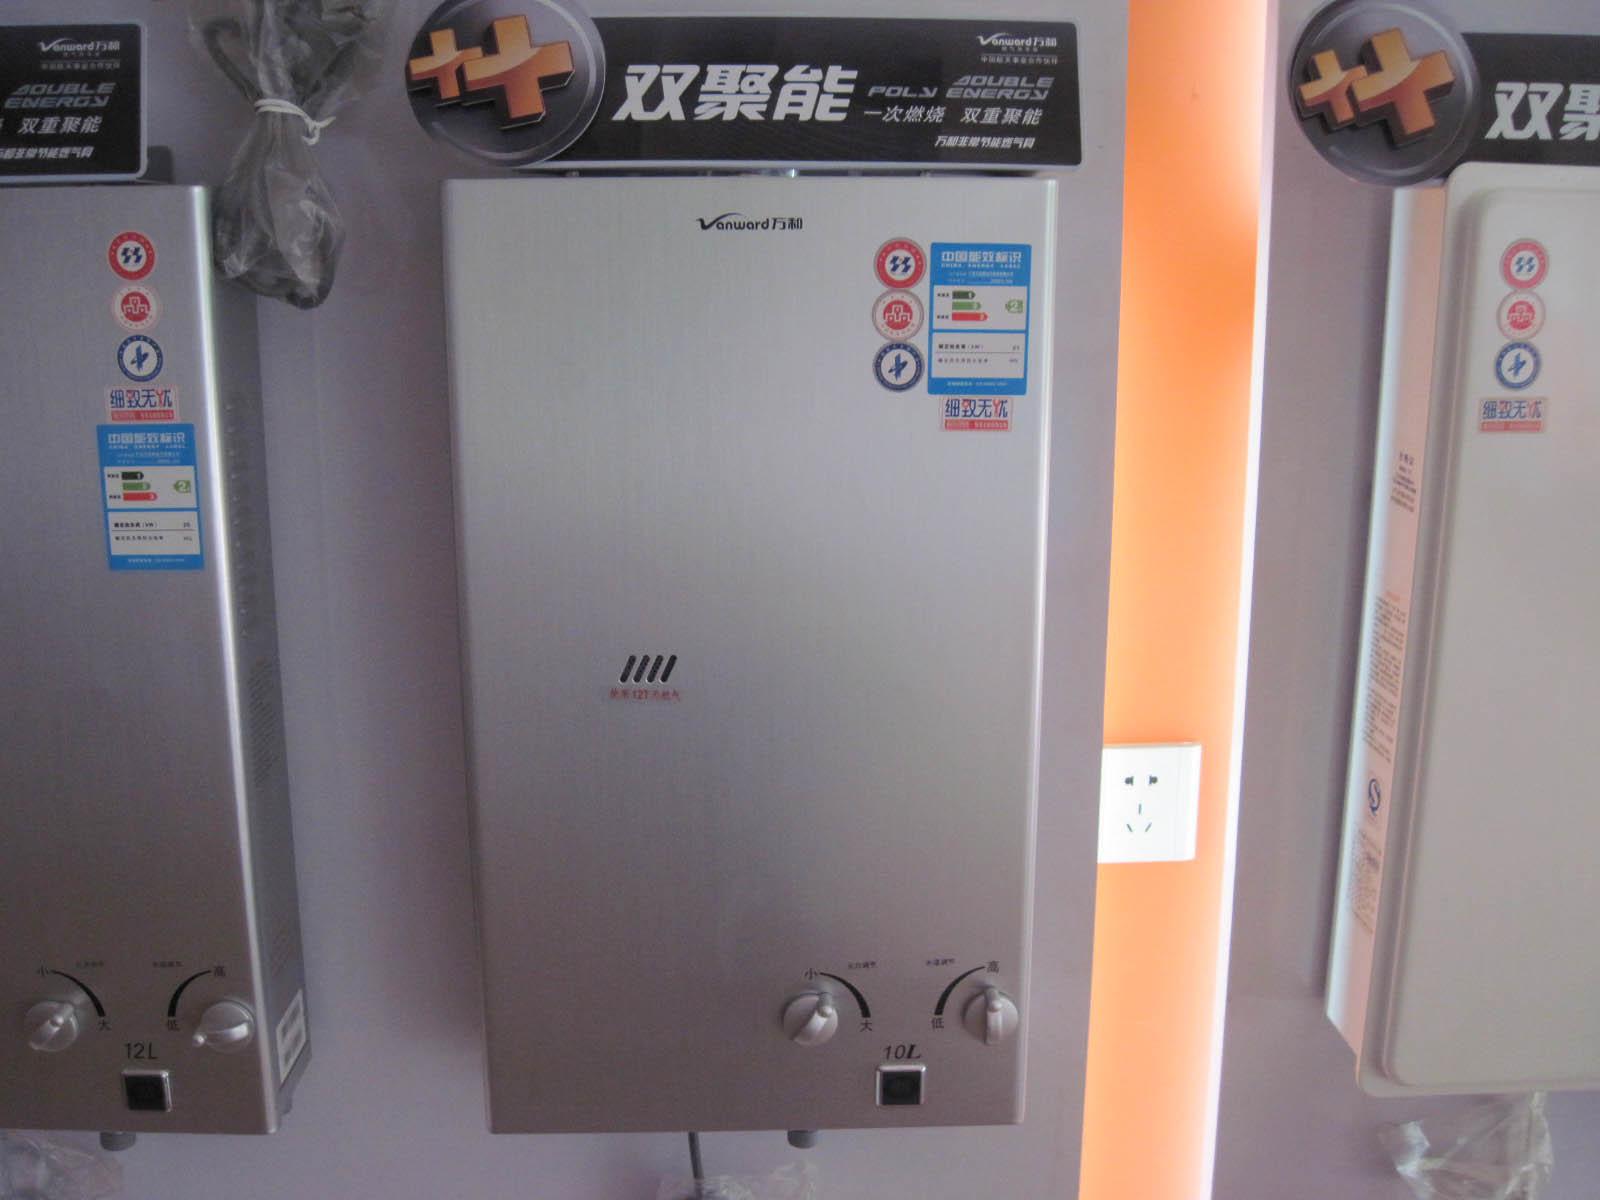 万和 JSQ21-10A-9 技术参数 额定热负荷: 21.000 热水产率: 10 适用水压: 0.02~1.0 万和 JSQ21-10A-9 基本参数 点火方式: 水控全自动 外形设计: 100mm超薄机身 外形尺寸: 557328101 其它性能: 独创的春夏秋冬四季型分段燃烧技术强制换热+强化燃烧技术超低水压启动新型仿不锈钢拉丝面板多重安全保护 &nbsp 家品下乡商品:持农村户口享受国家补贴155.